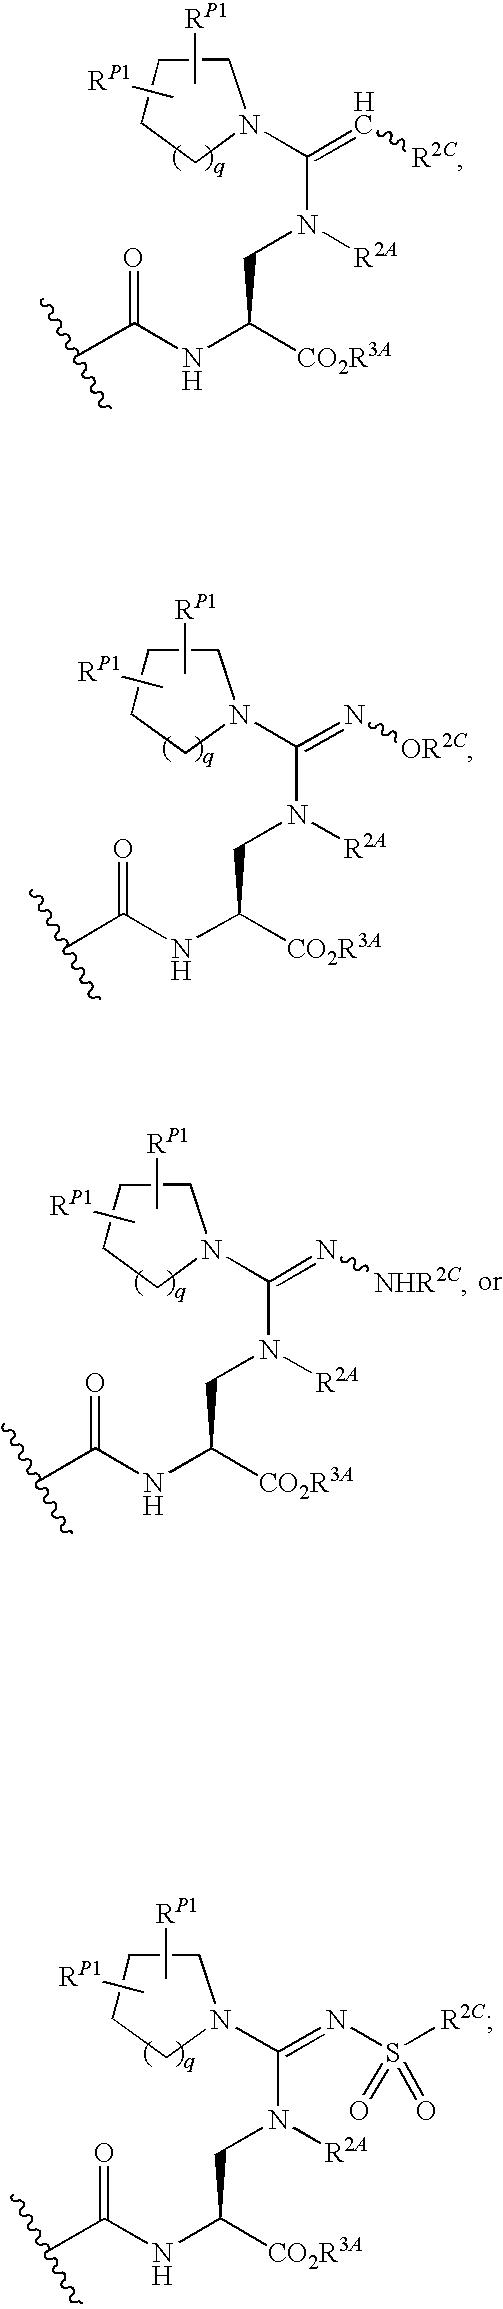 Figure US07790743-20100907-C00233